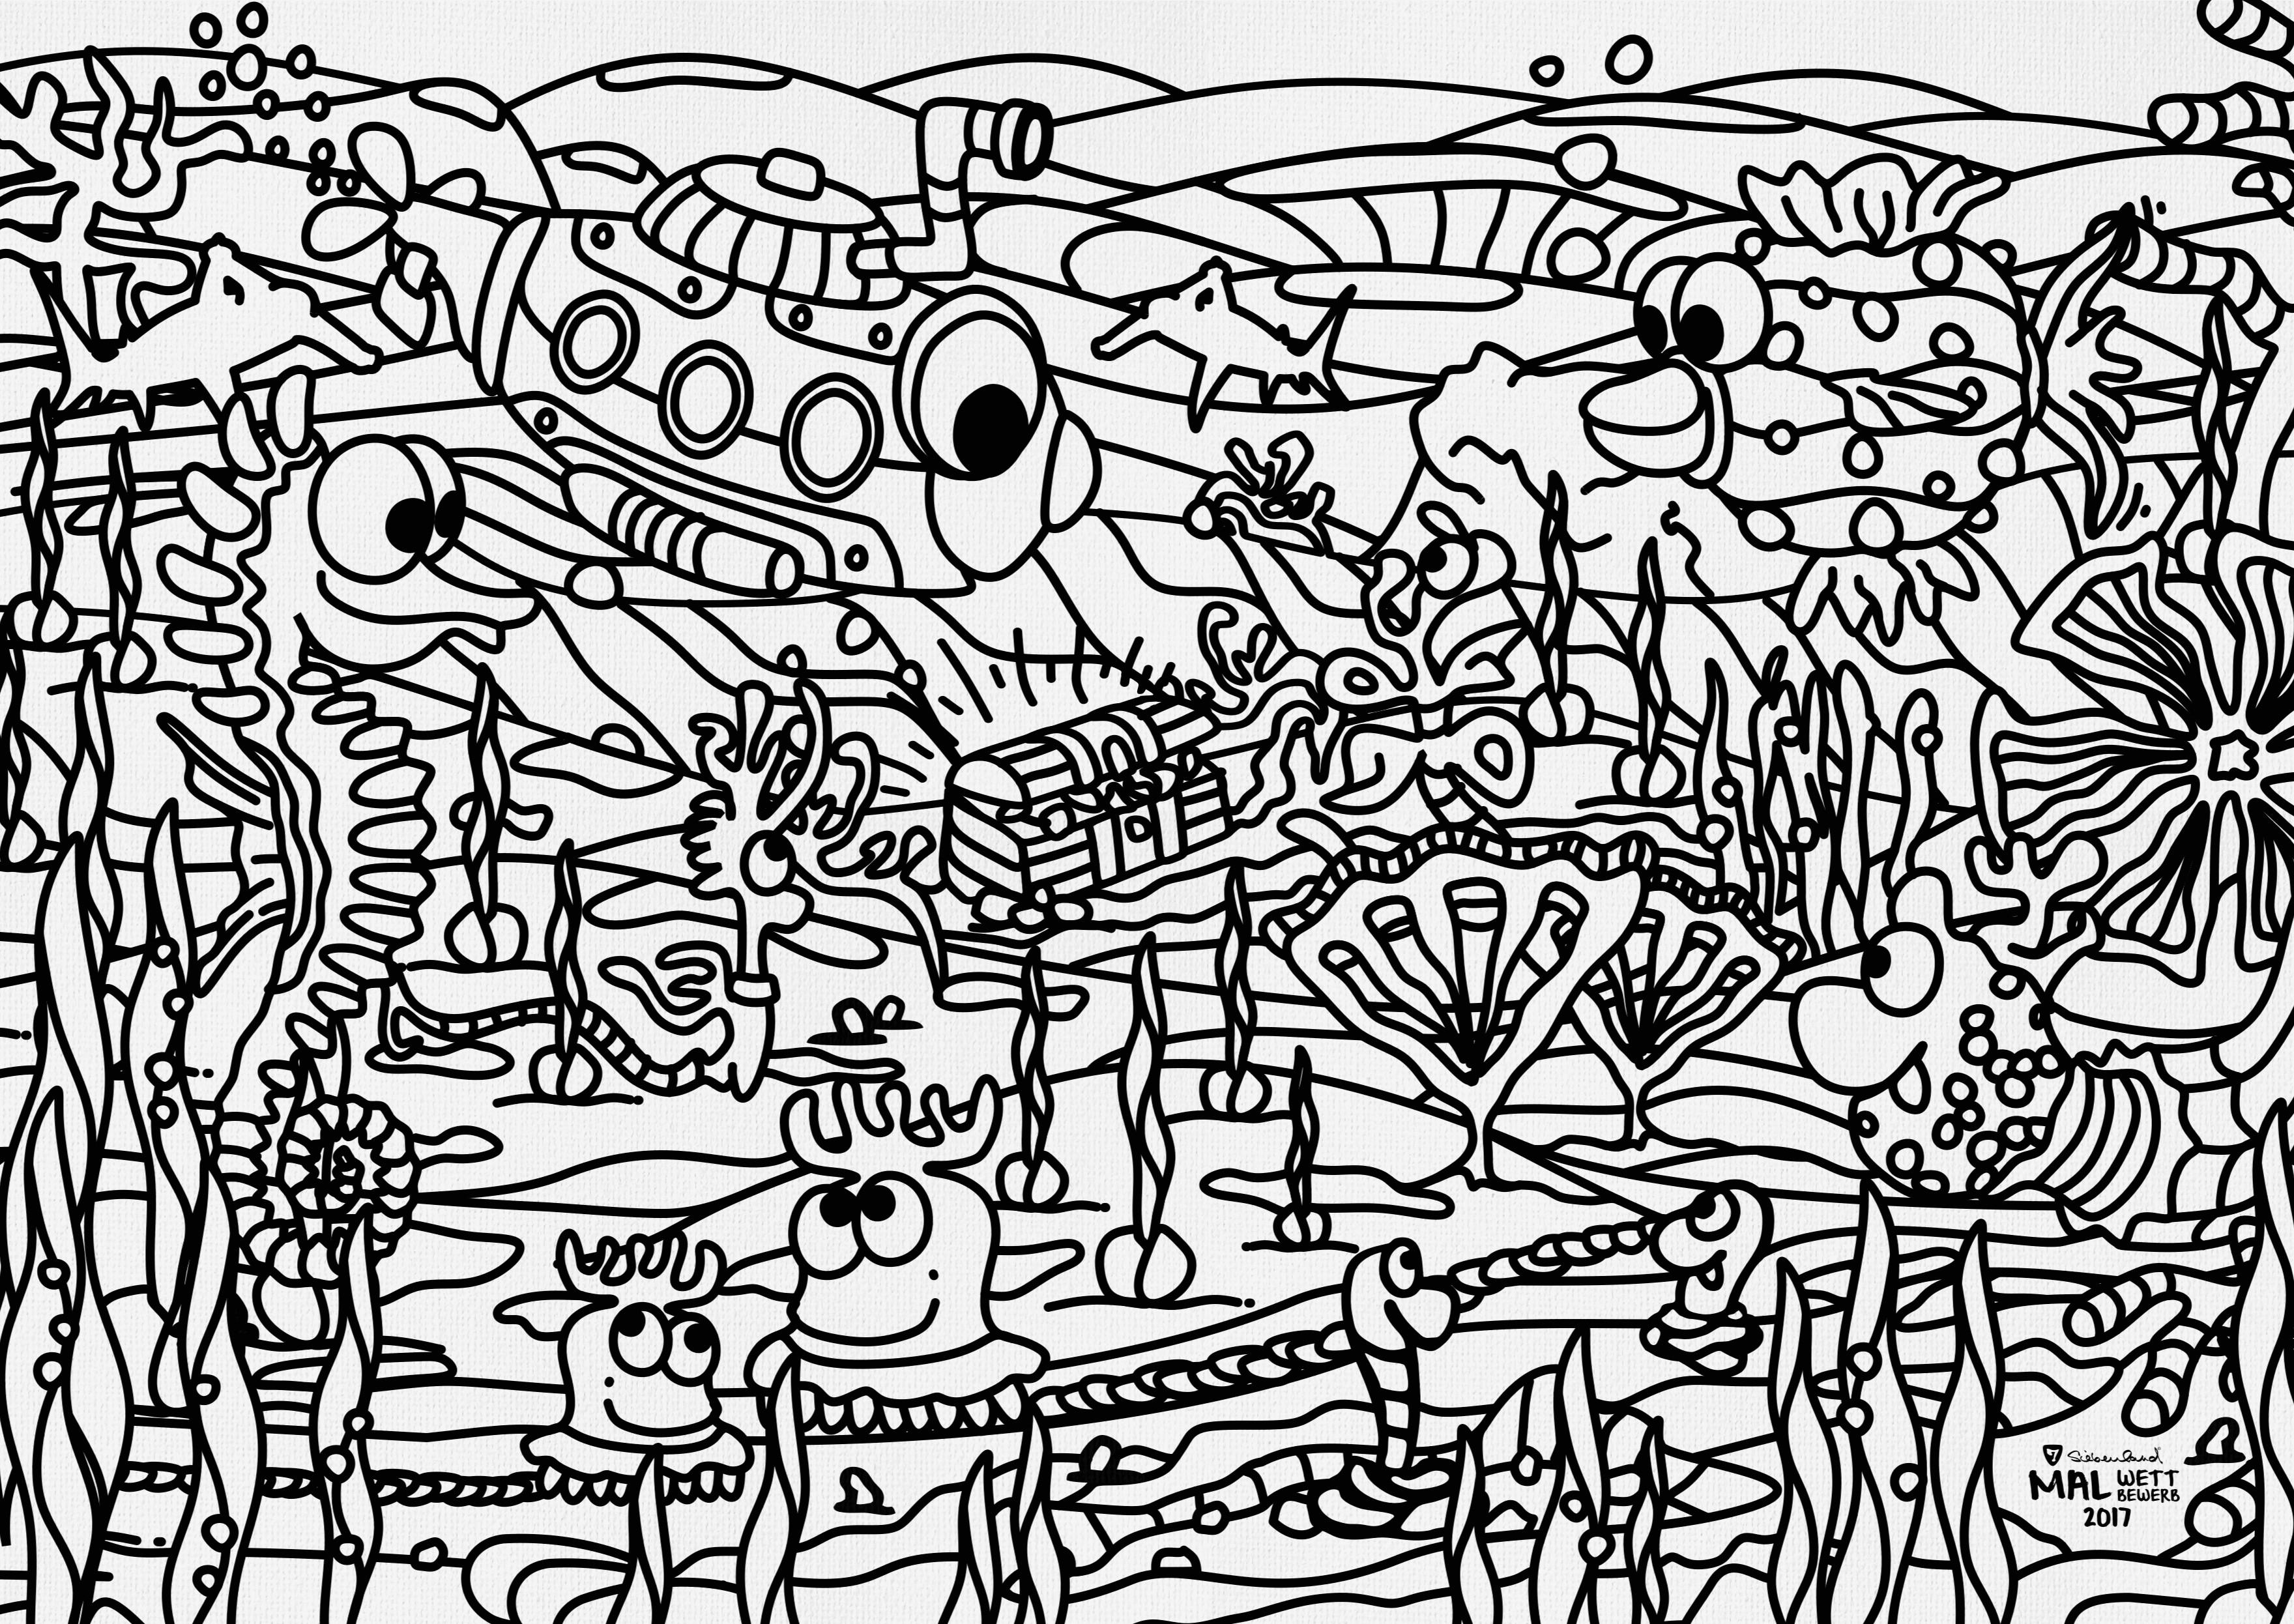 Manuel Neuer Ausmalbilder Das Beste Von Beispielbilder Färben Ausmalbilder Unterwasserwelt Sammlung